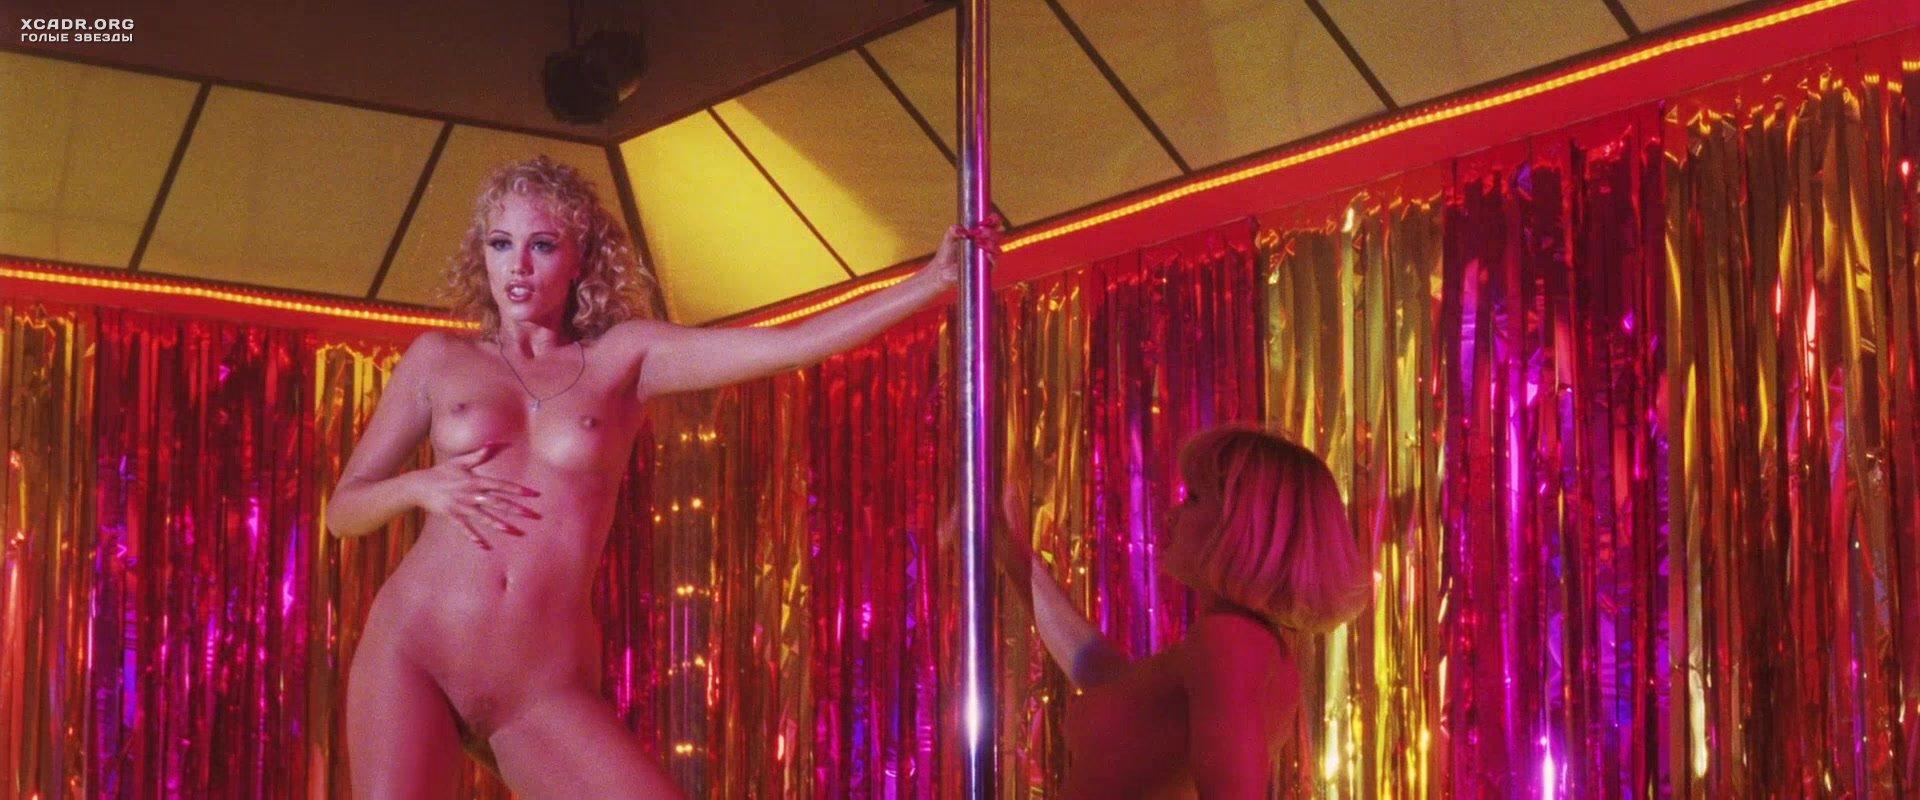 naked-sex-porn-showgirls-ranger-black